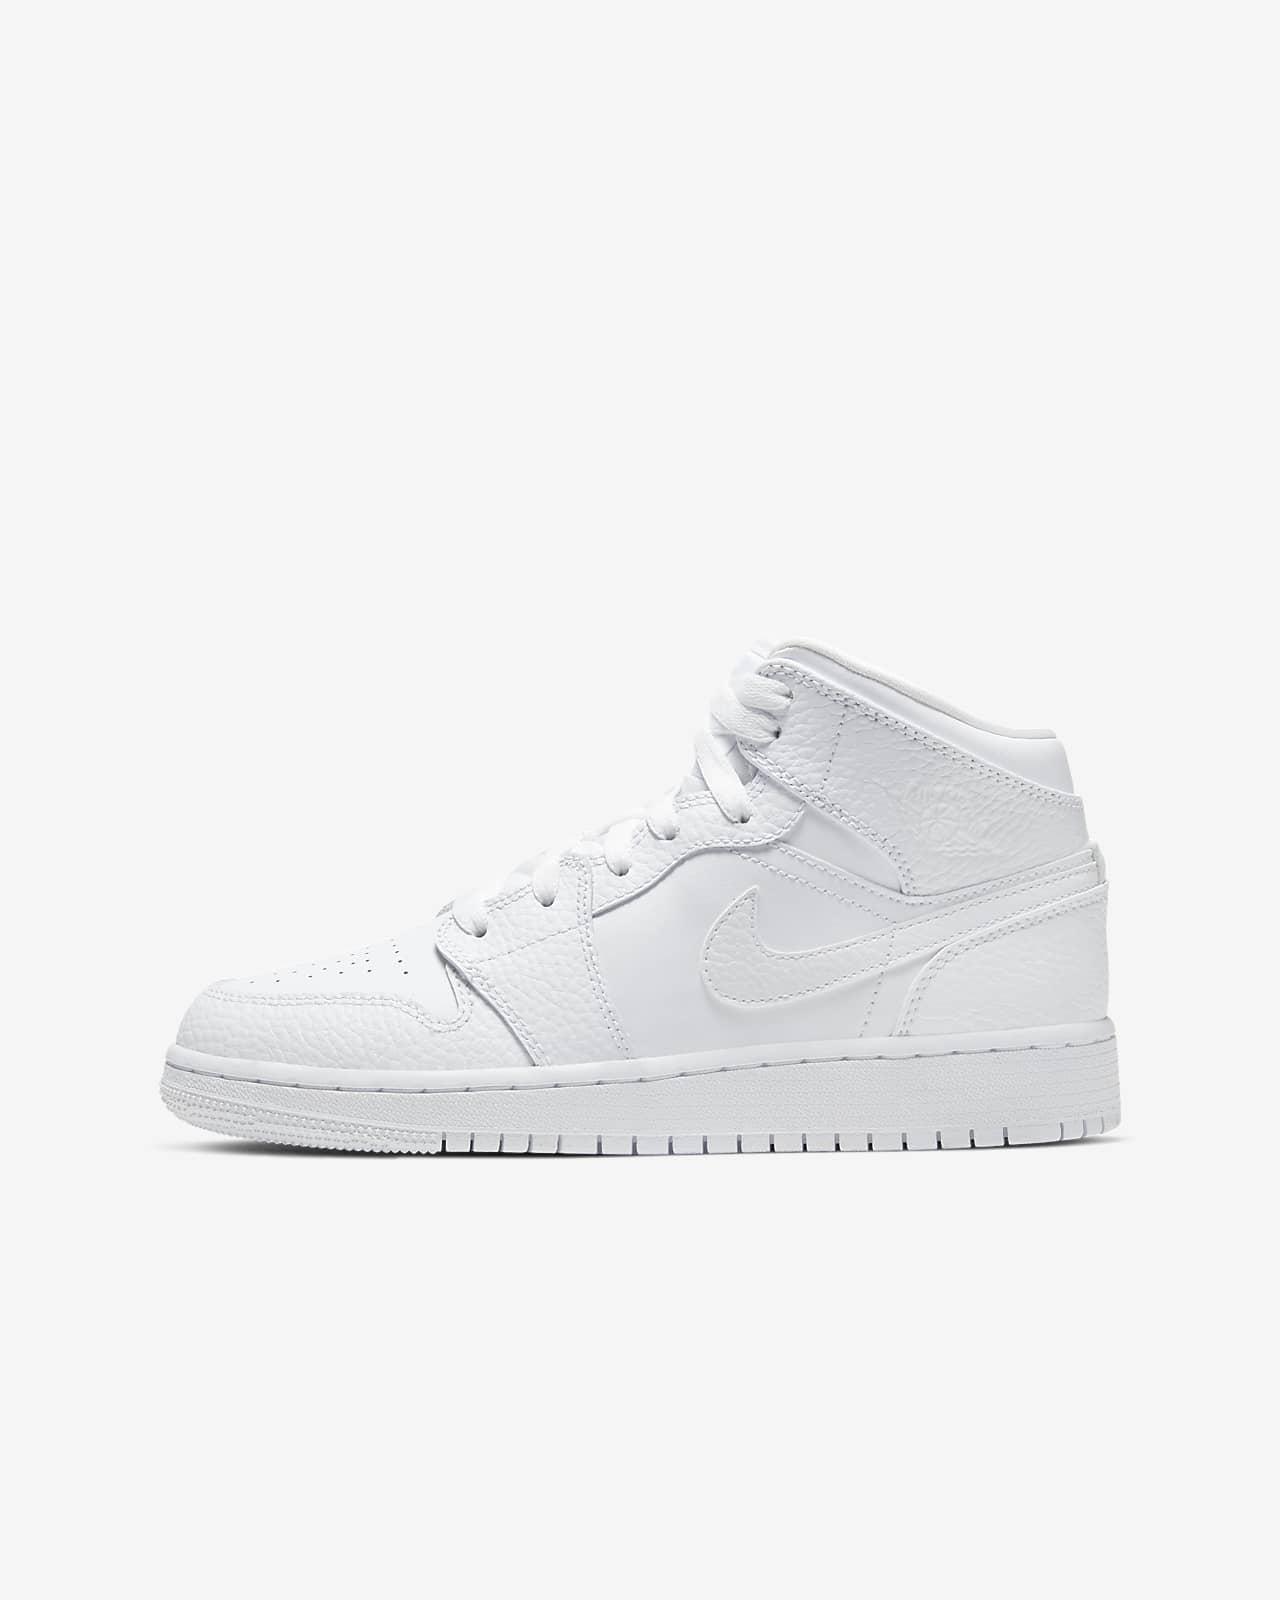 Air Jordan 1 Mid Genç Çocuk Ayakkabısı